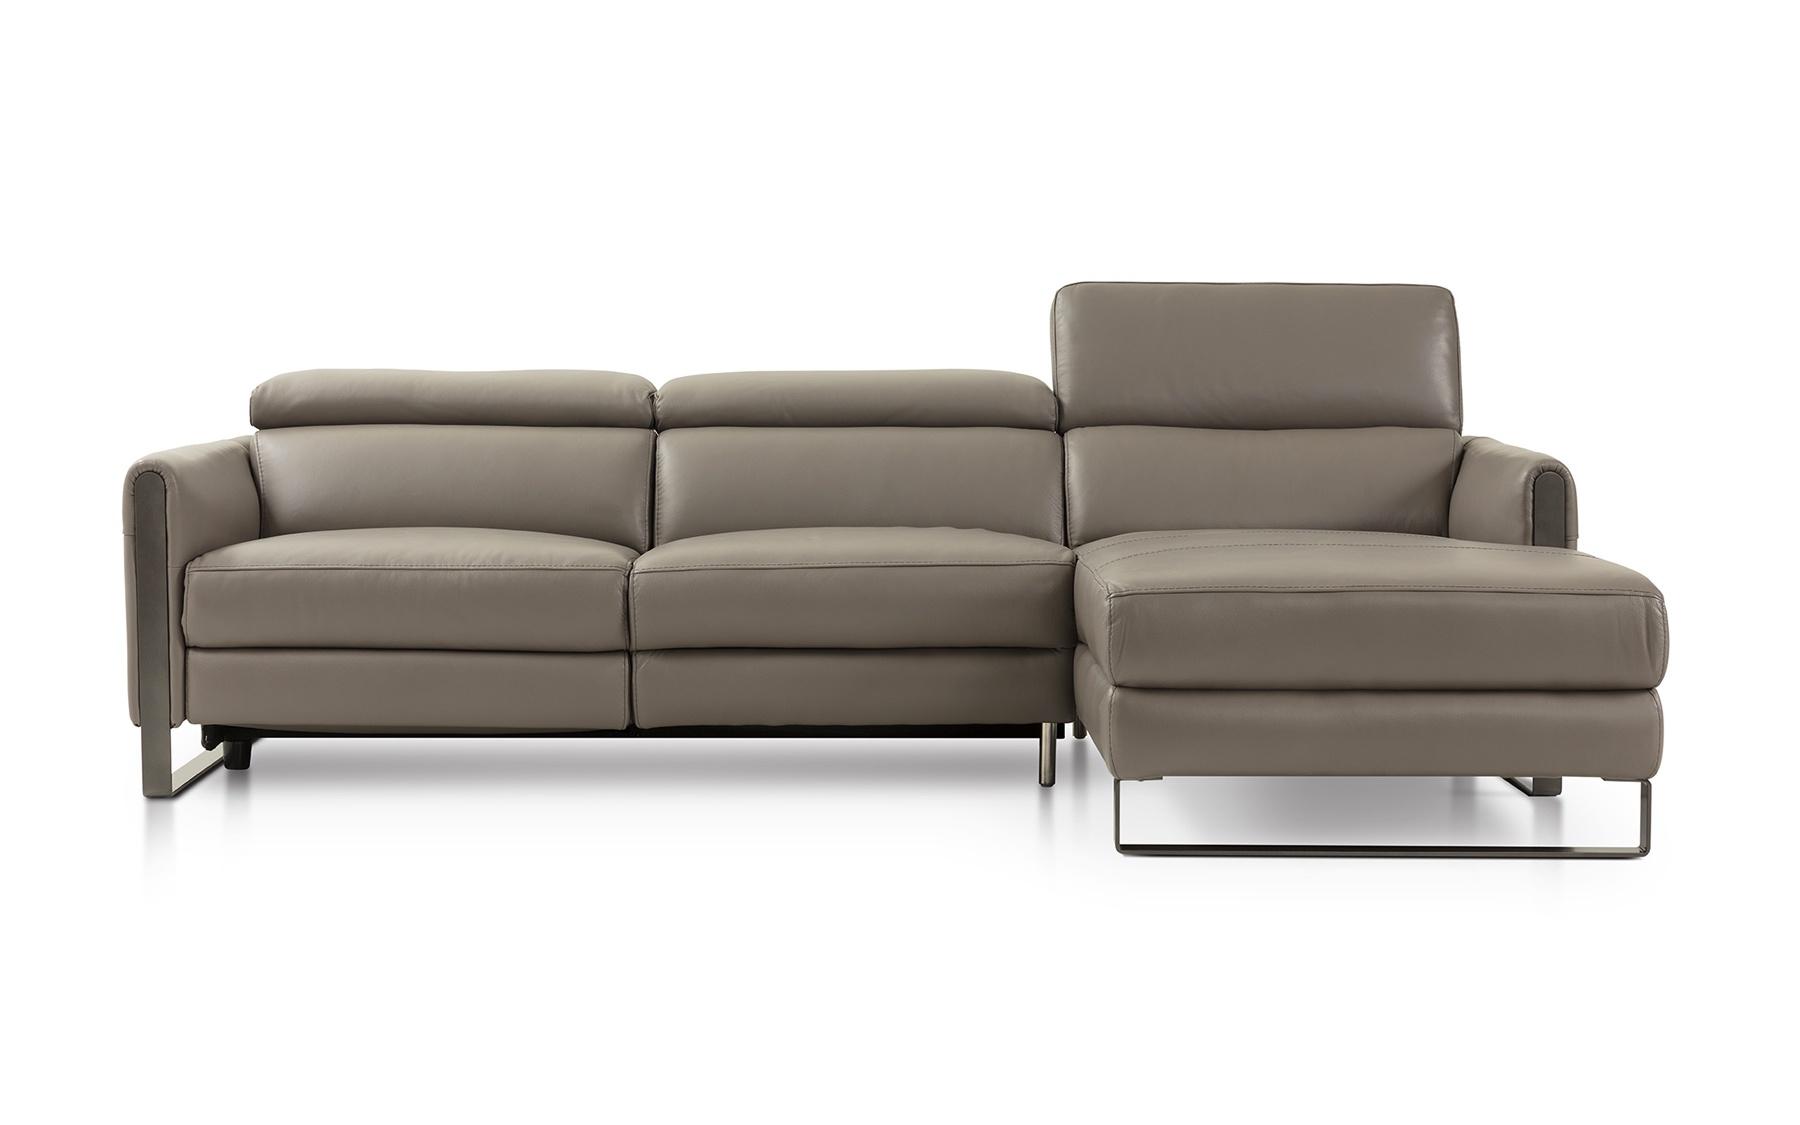 canap composable inclinable cuir 913 composables salons la galerie du meuble. Black Bedroom Furniture Sets. Home Design Ideas